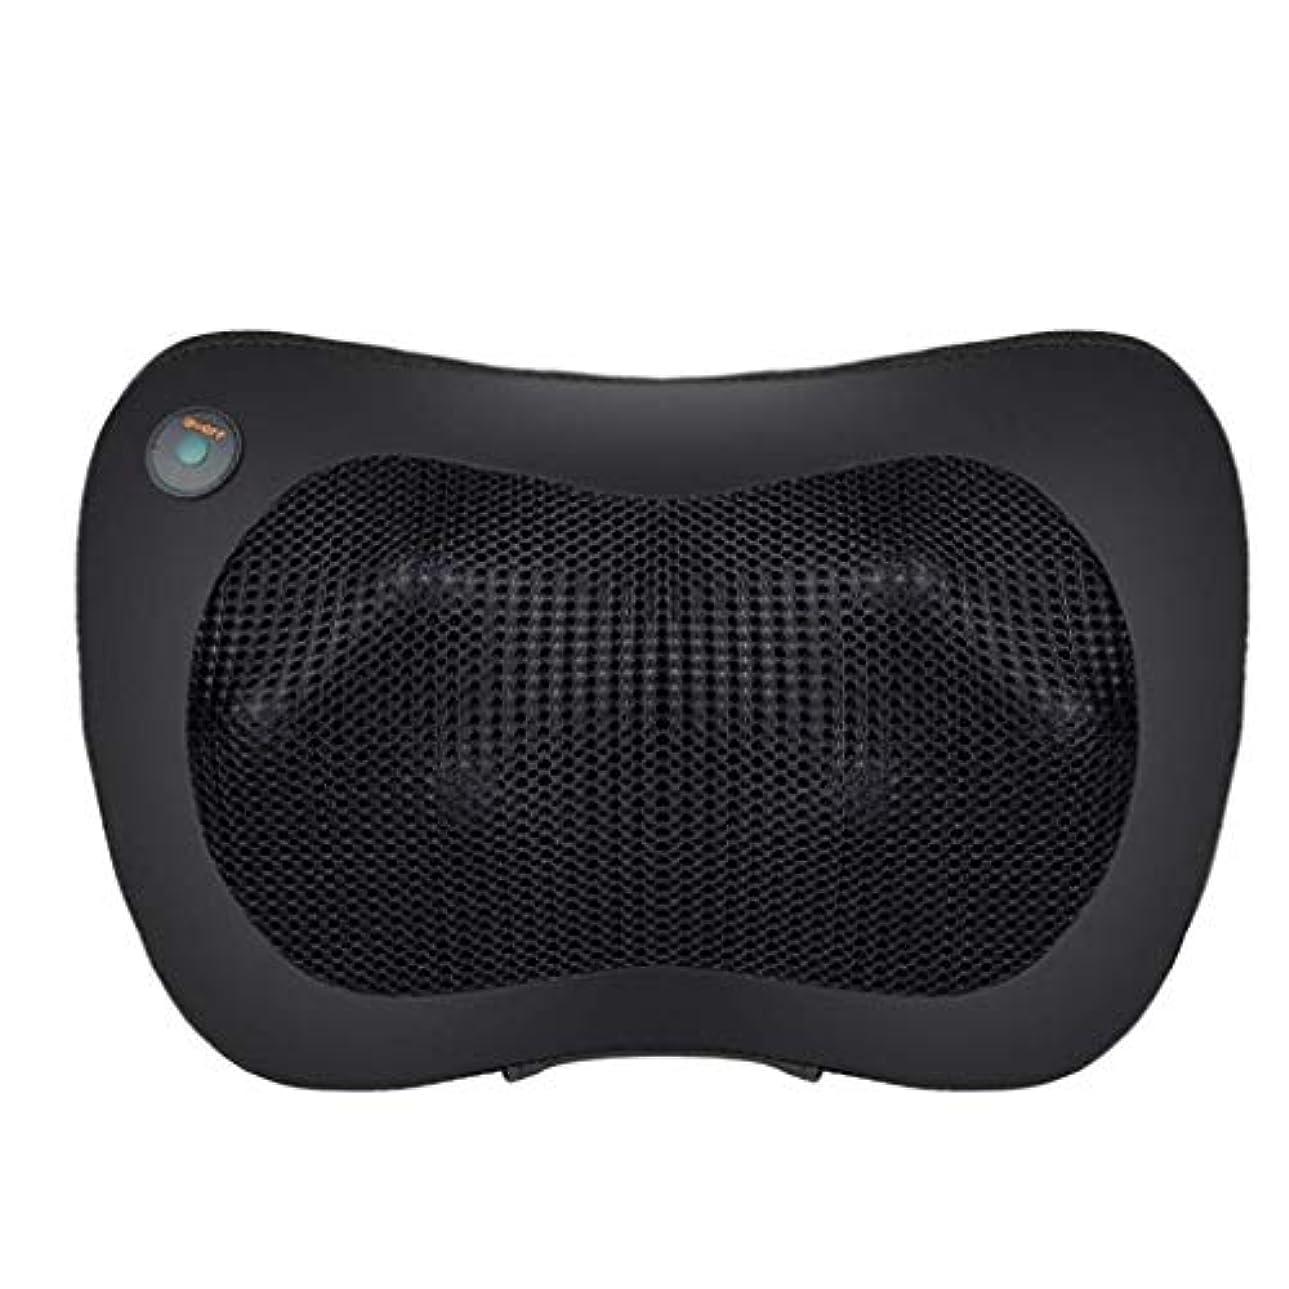 クランシー部補償3Dネックマッサージャー、フィンガープレスネックマッサージピロー、多機能マッサージモード、スマートワンボタン、20強度、15分のタイミング、ホームオフィス用 (Color : 黒)